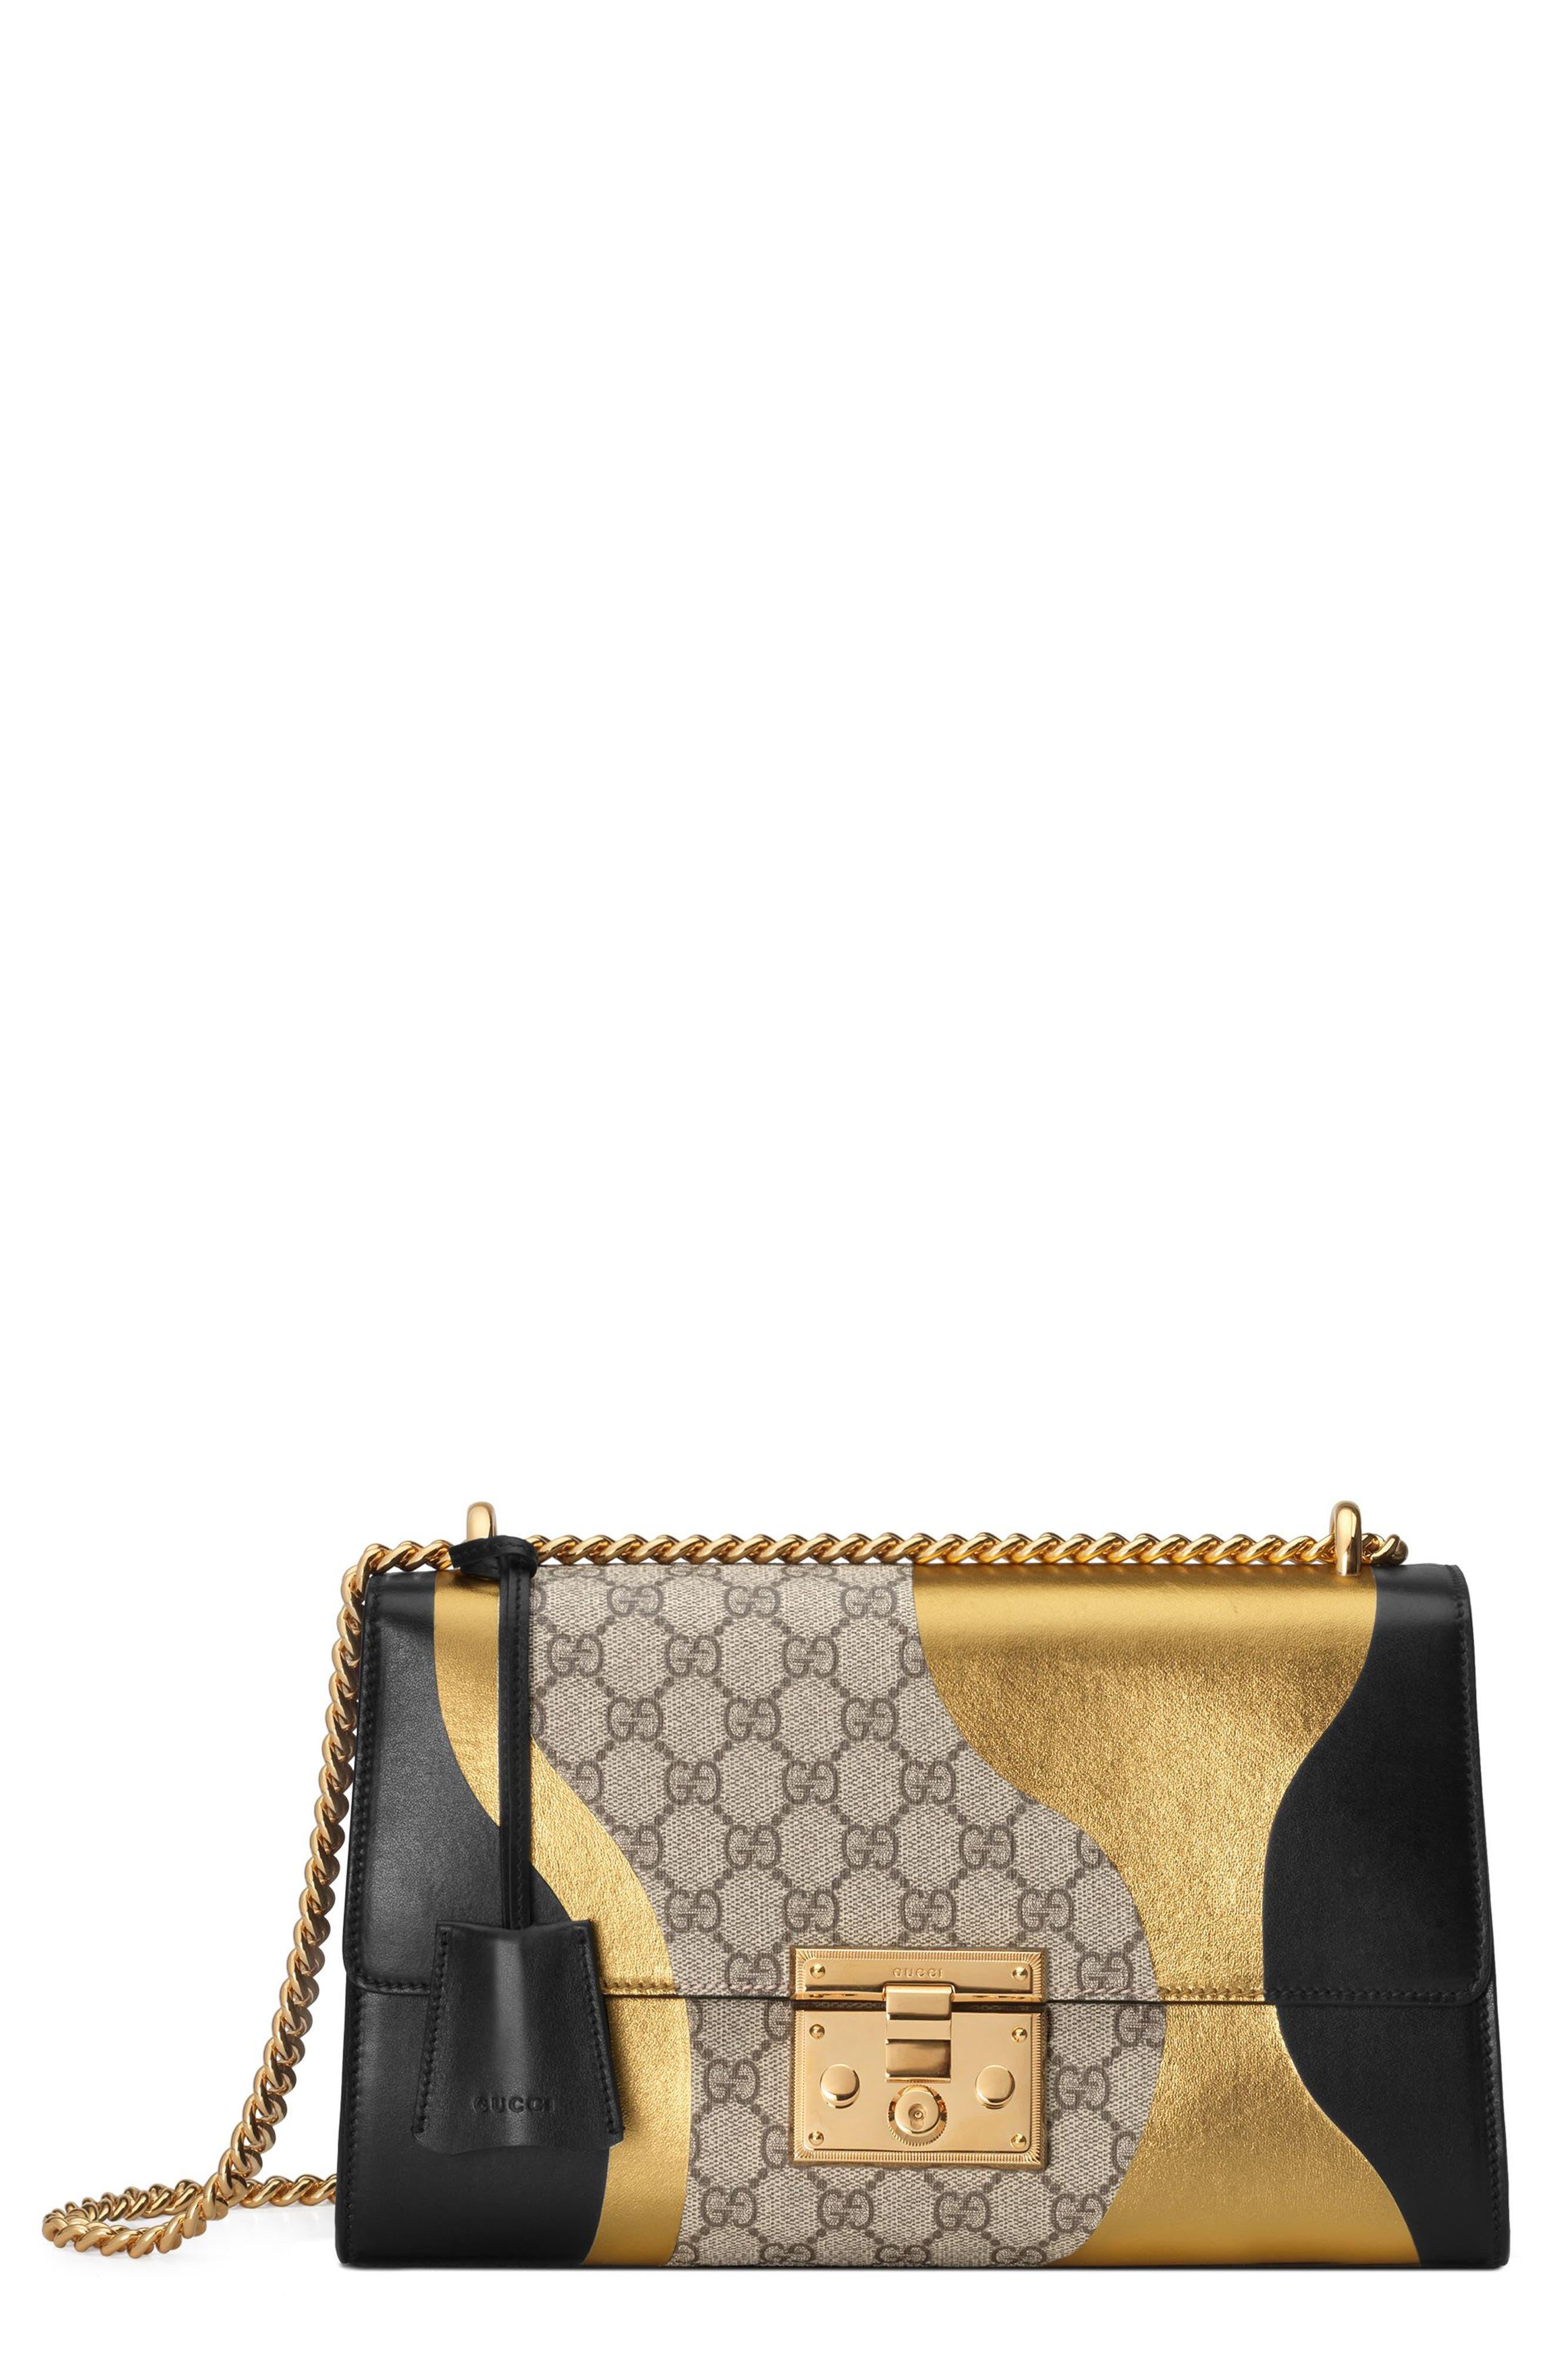 Alternate Image 1 Selected - Gucci Medium Padlock GG Supreme Canvas & Leather Shoulder Bag